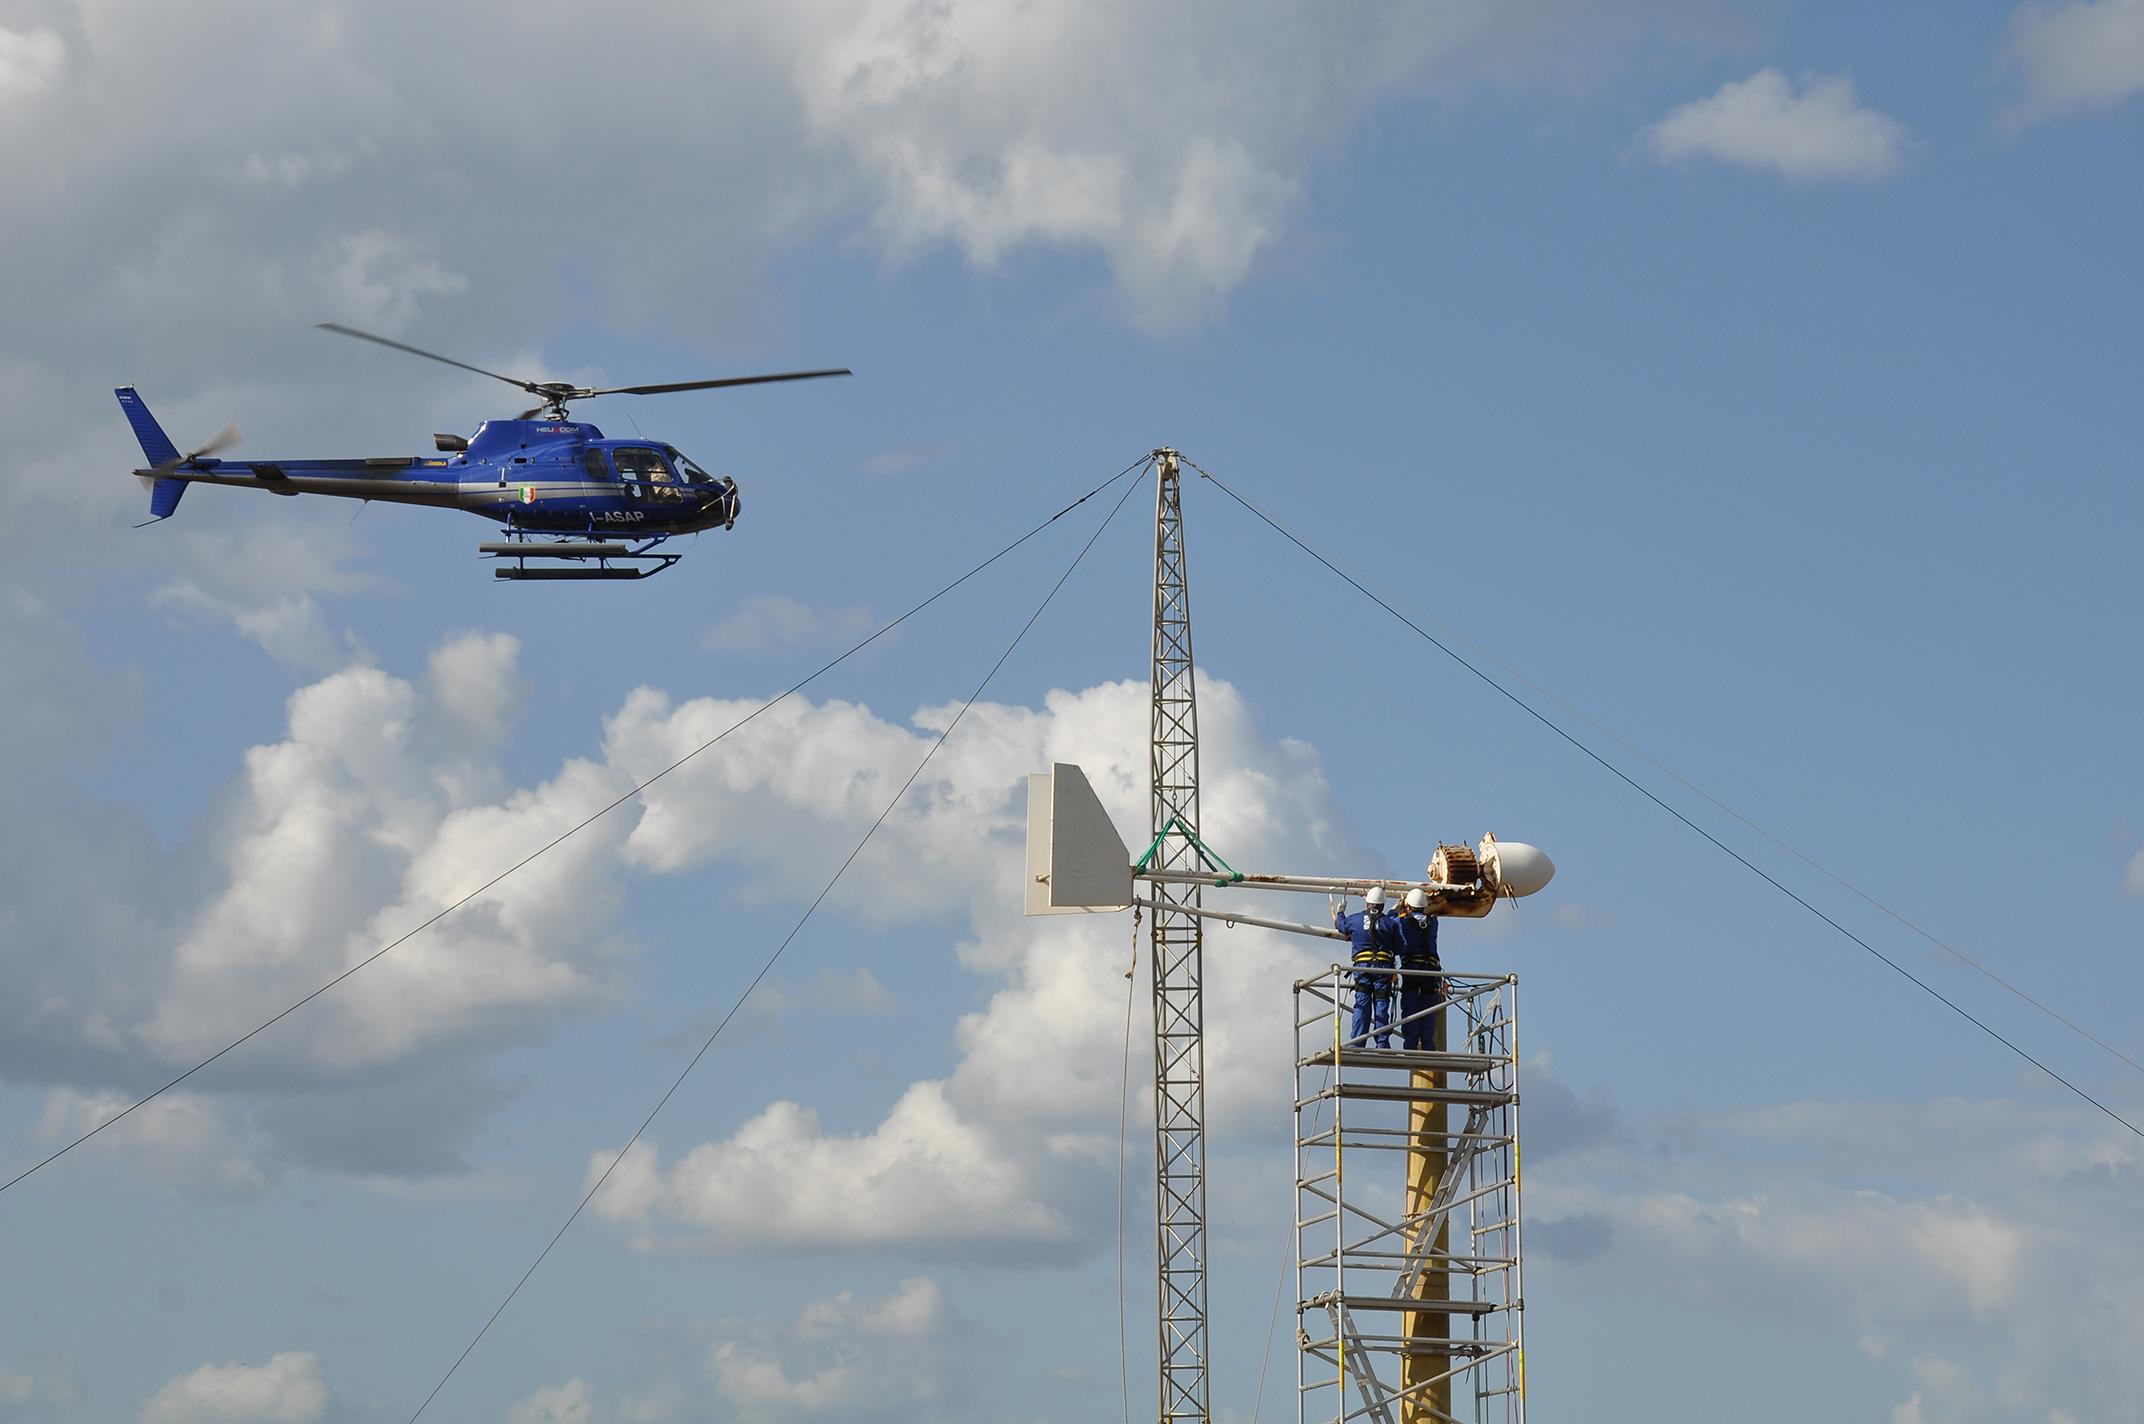 Elicottero 5 Pale : Le pale eoliche di mozia rimozione con l elicottero live